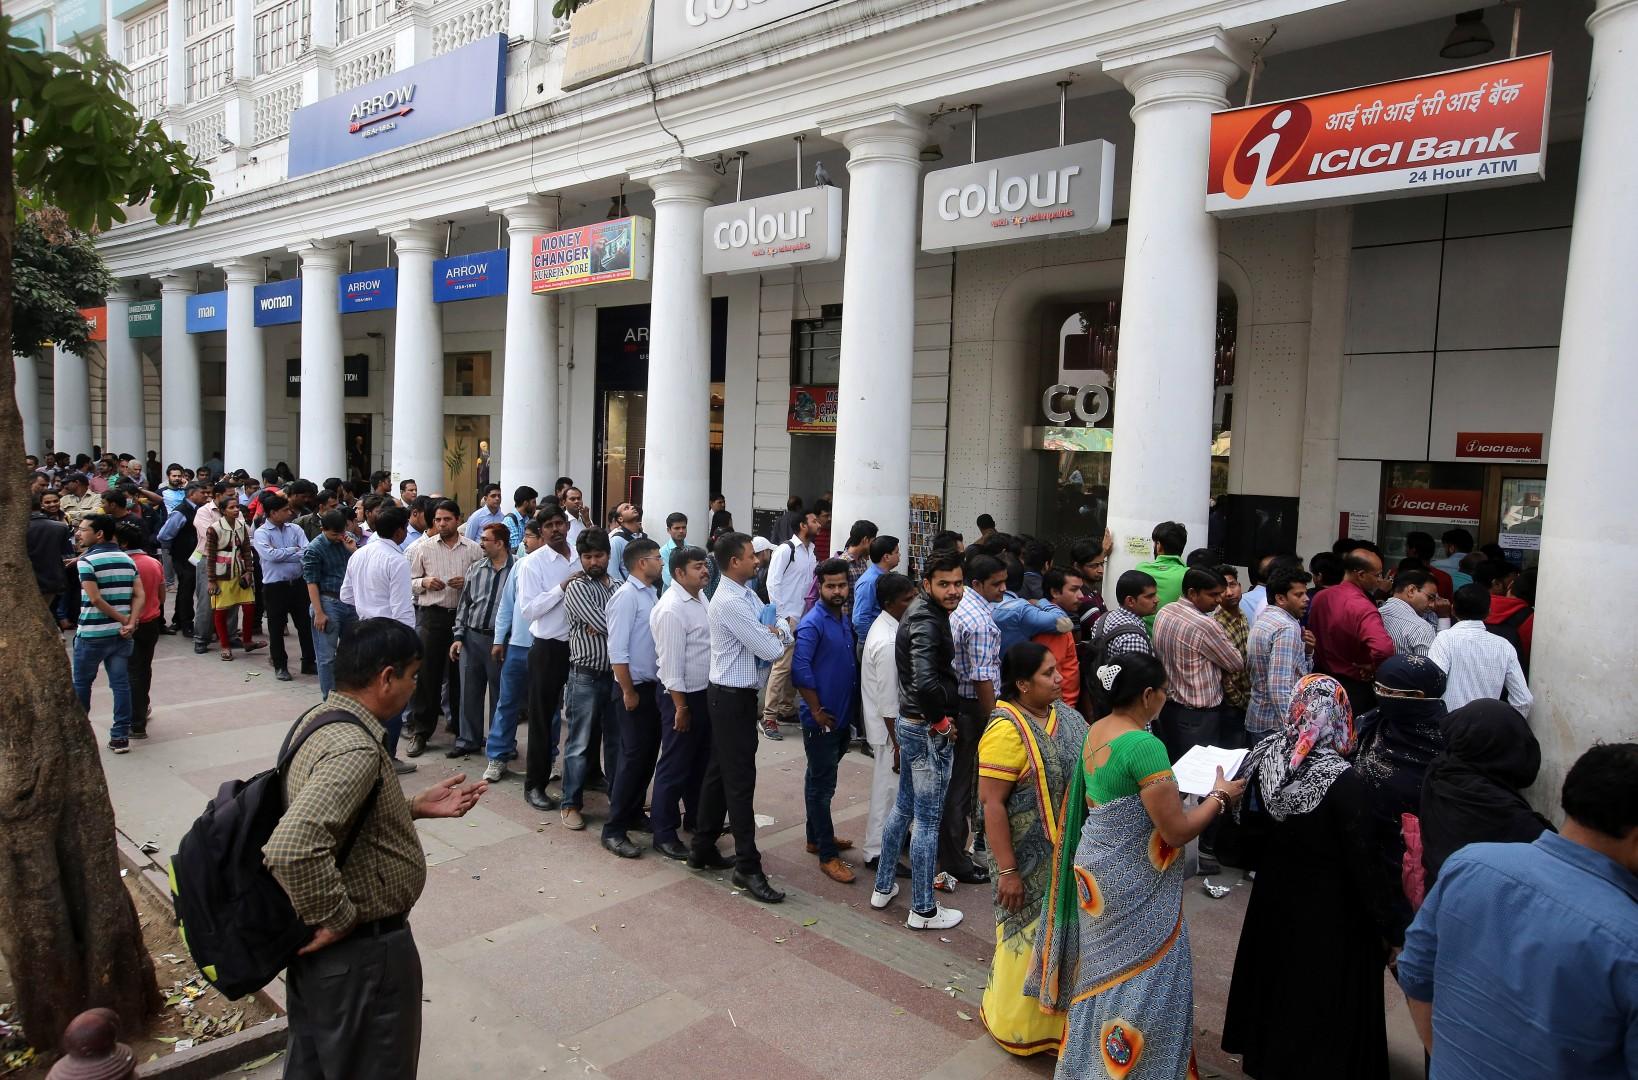 Ljudje v Indiji stojijo v dolgih vrstah za menjavo denarja (foto: epa)